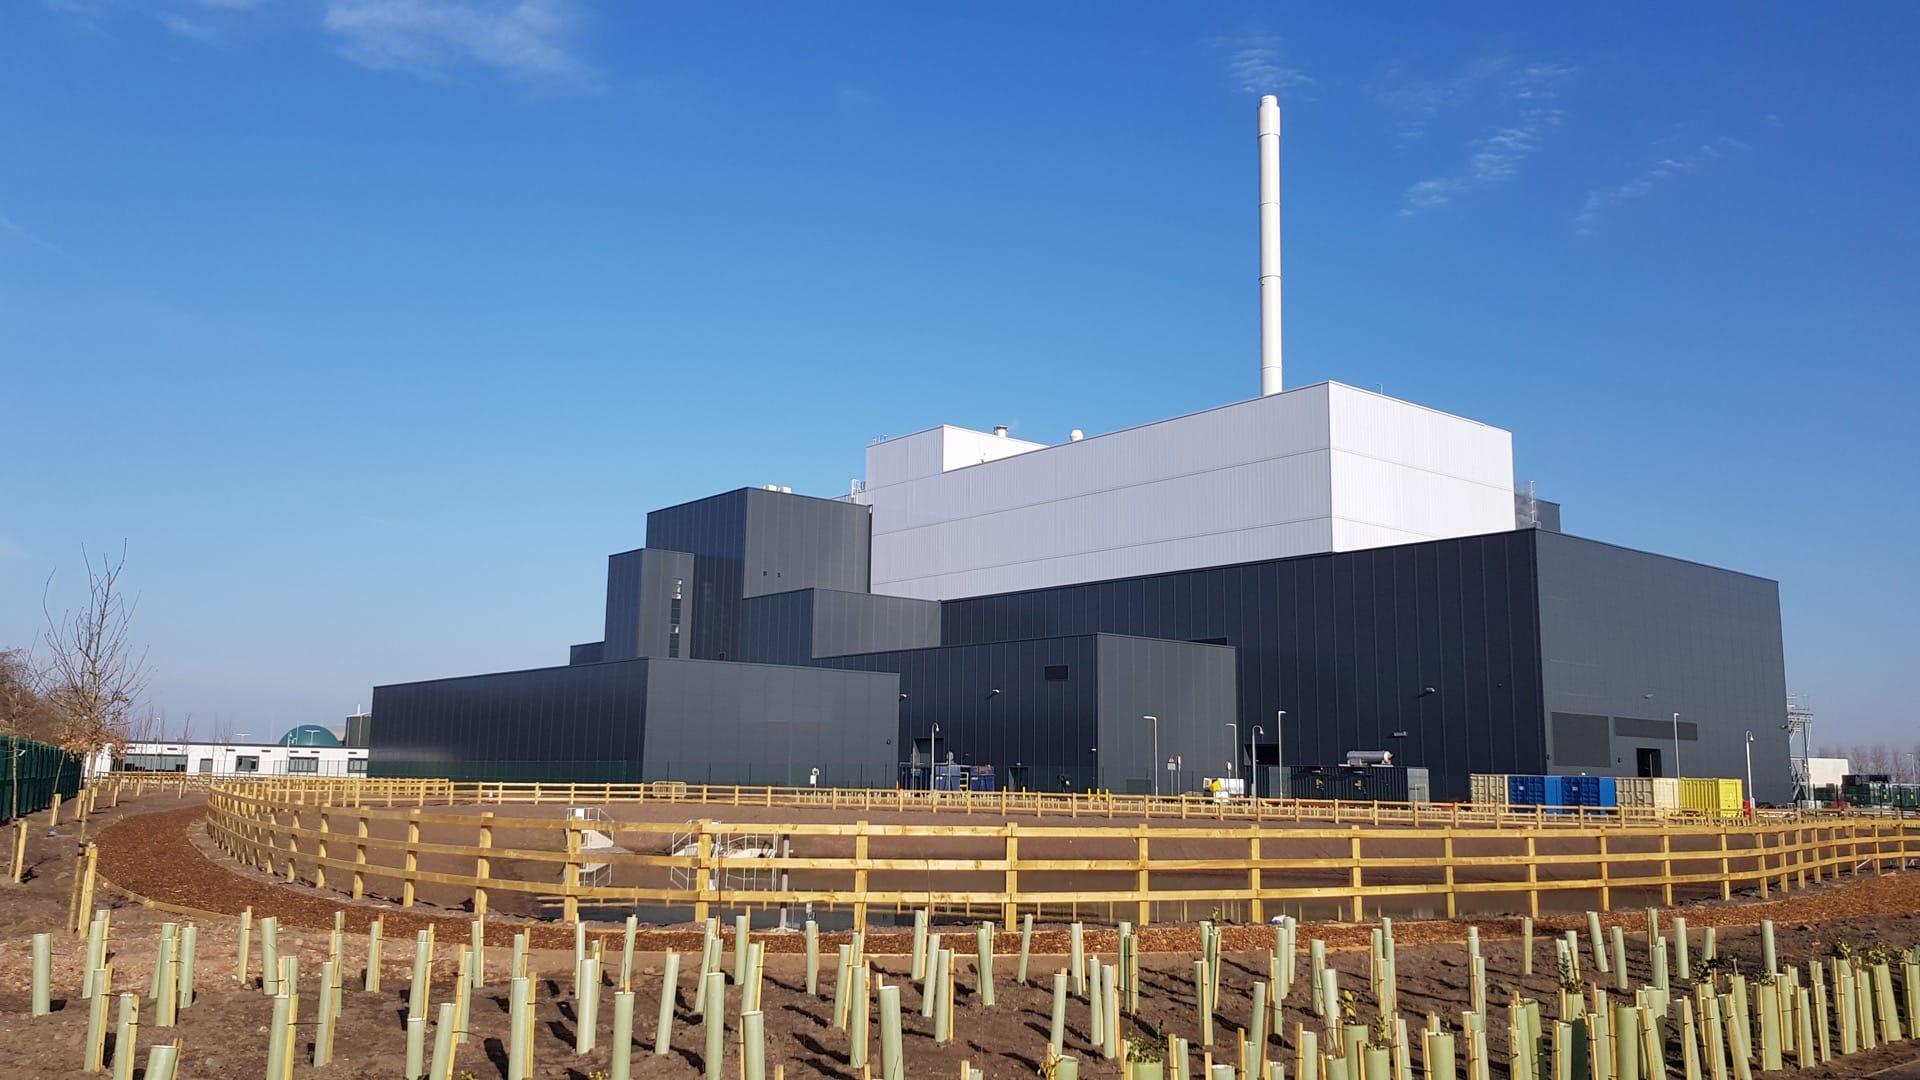 Millerhill EfW Plant – Edinburgh